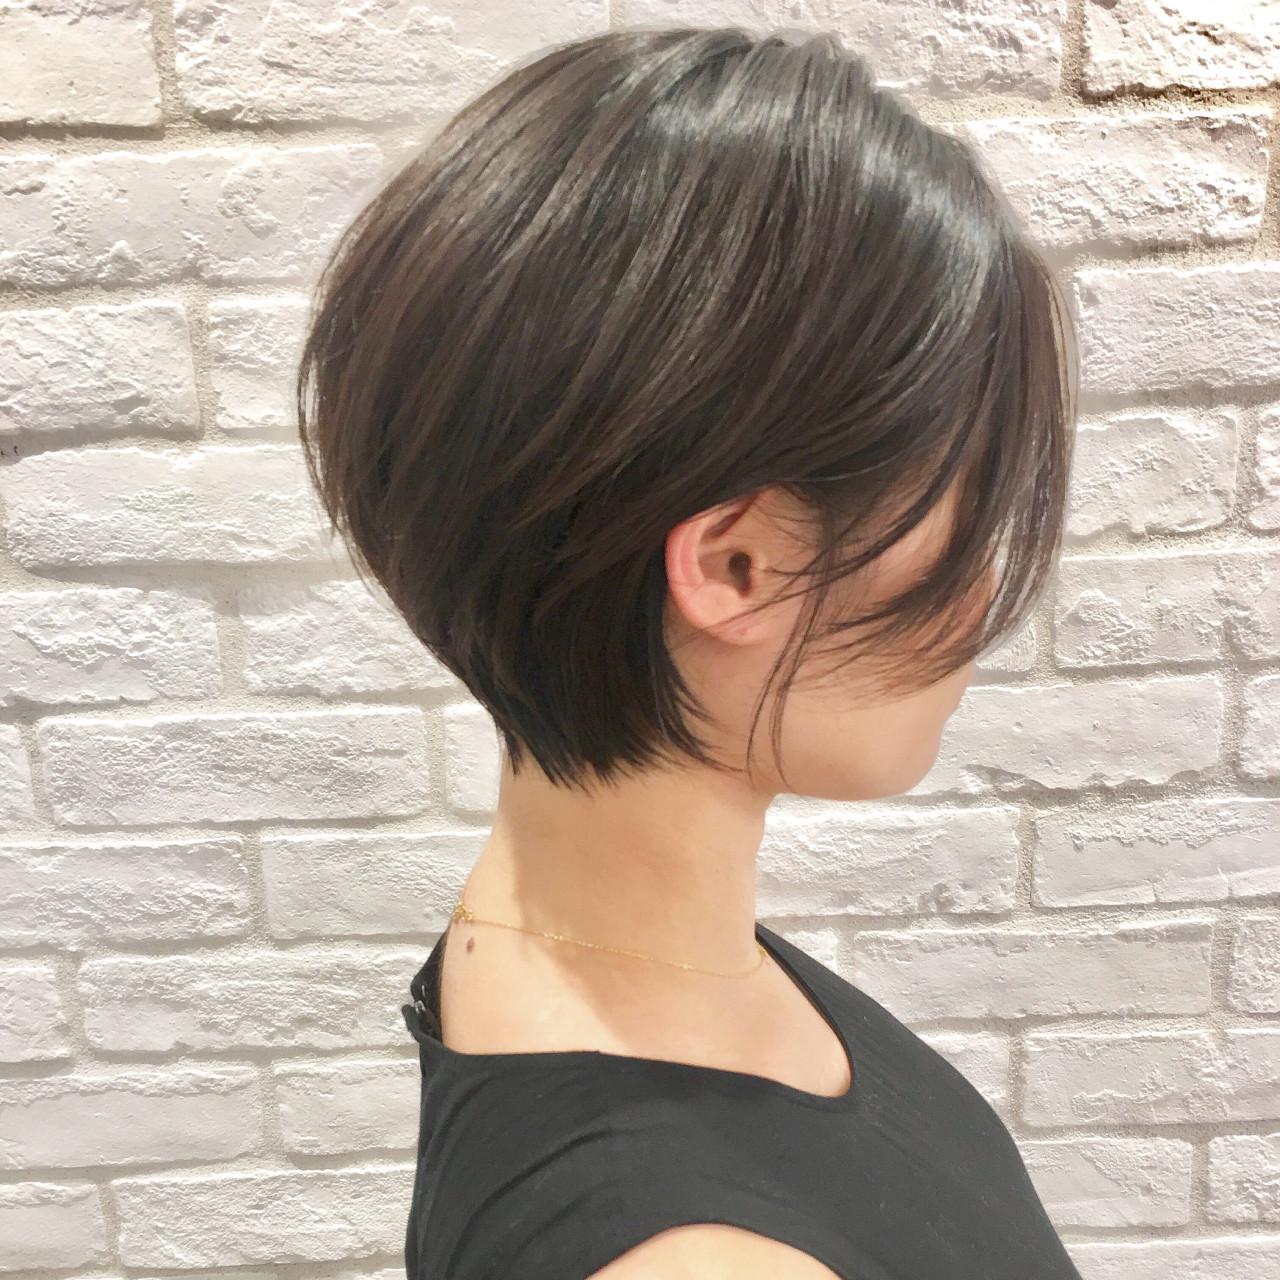 ナチュラル ヘアアレンジ フェミニン デート ヘアスタイルや髪型の写真・画像